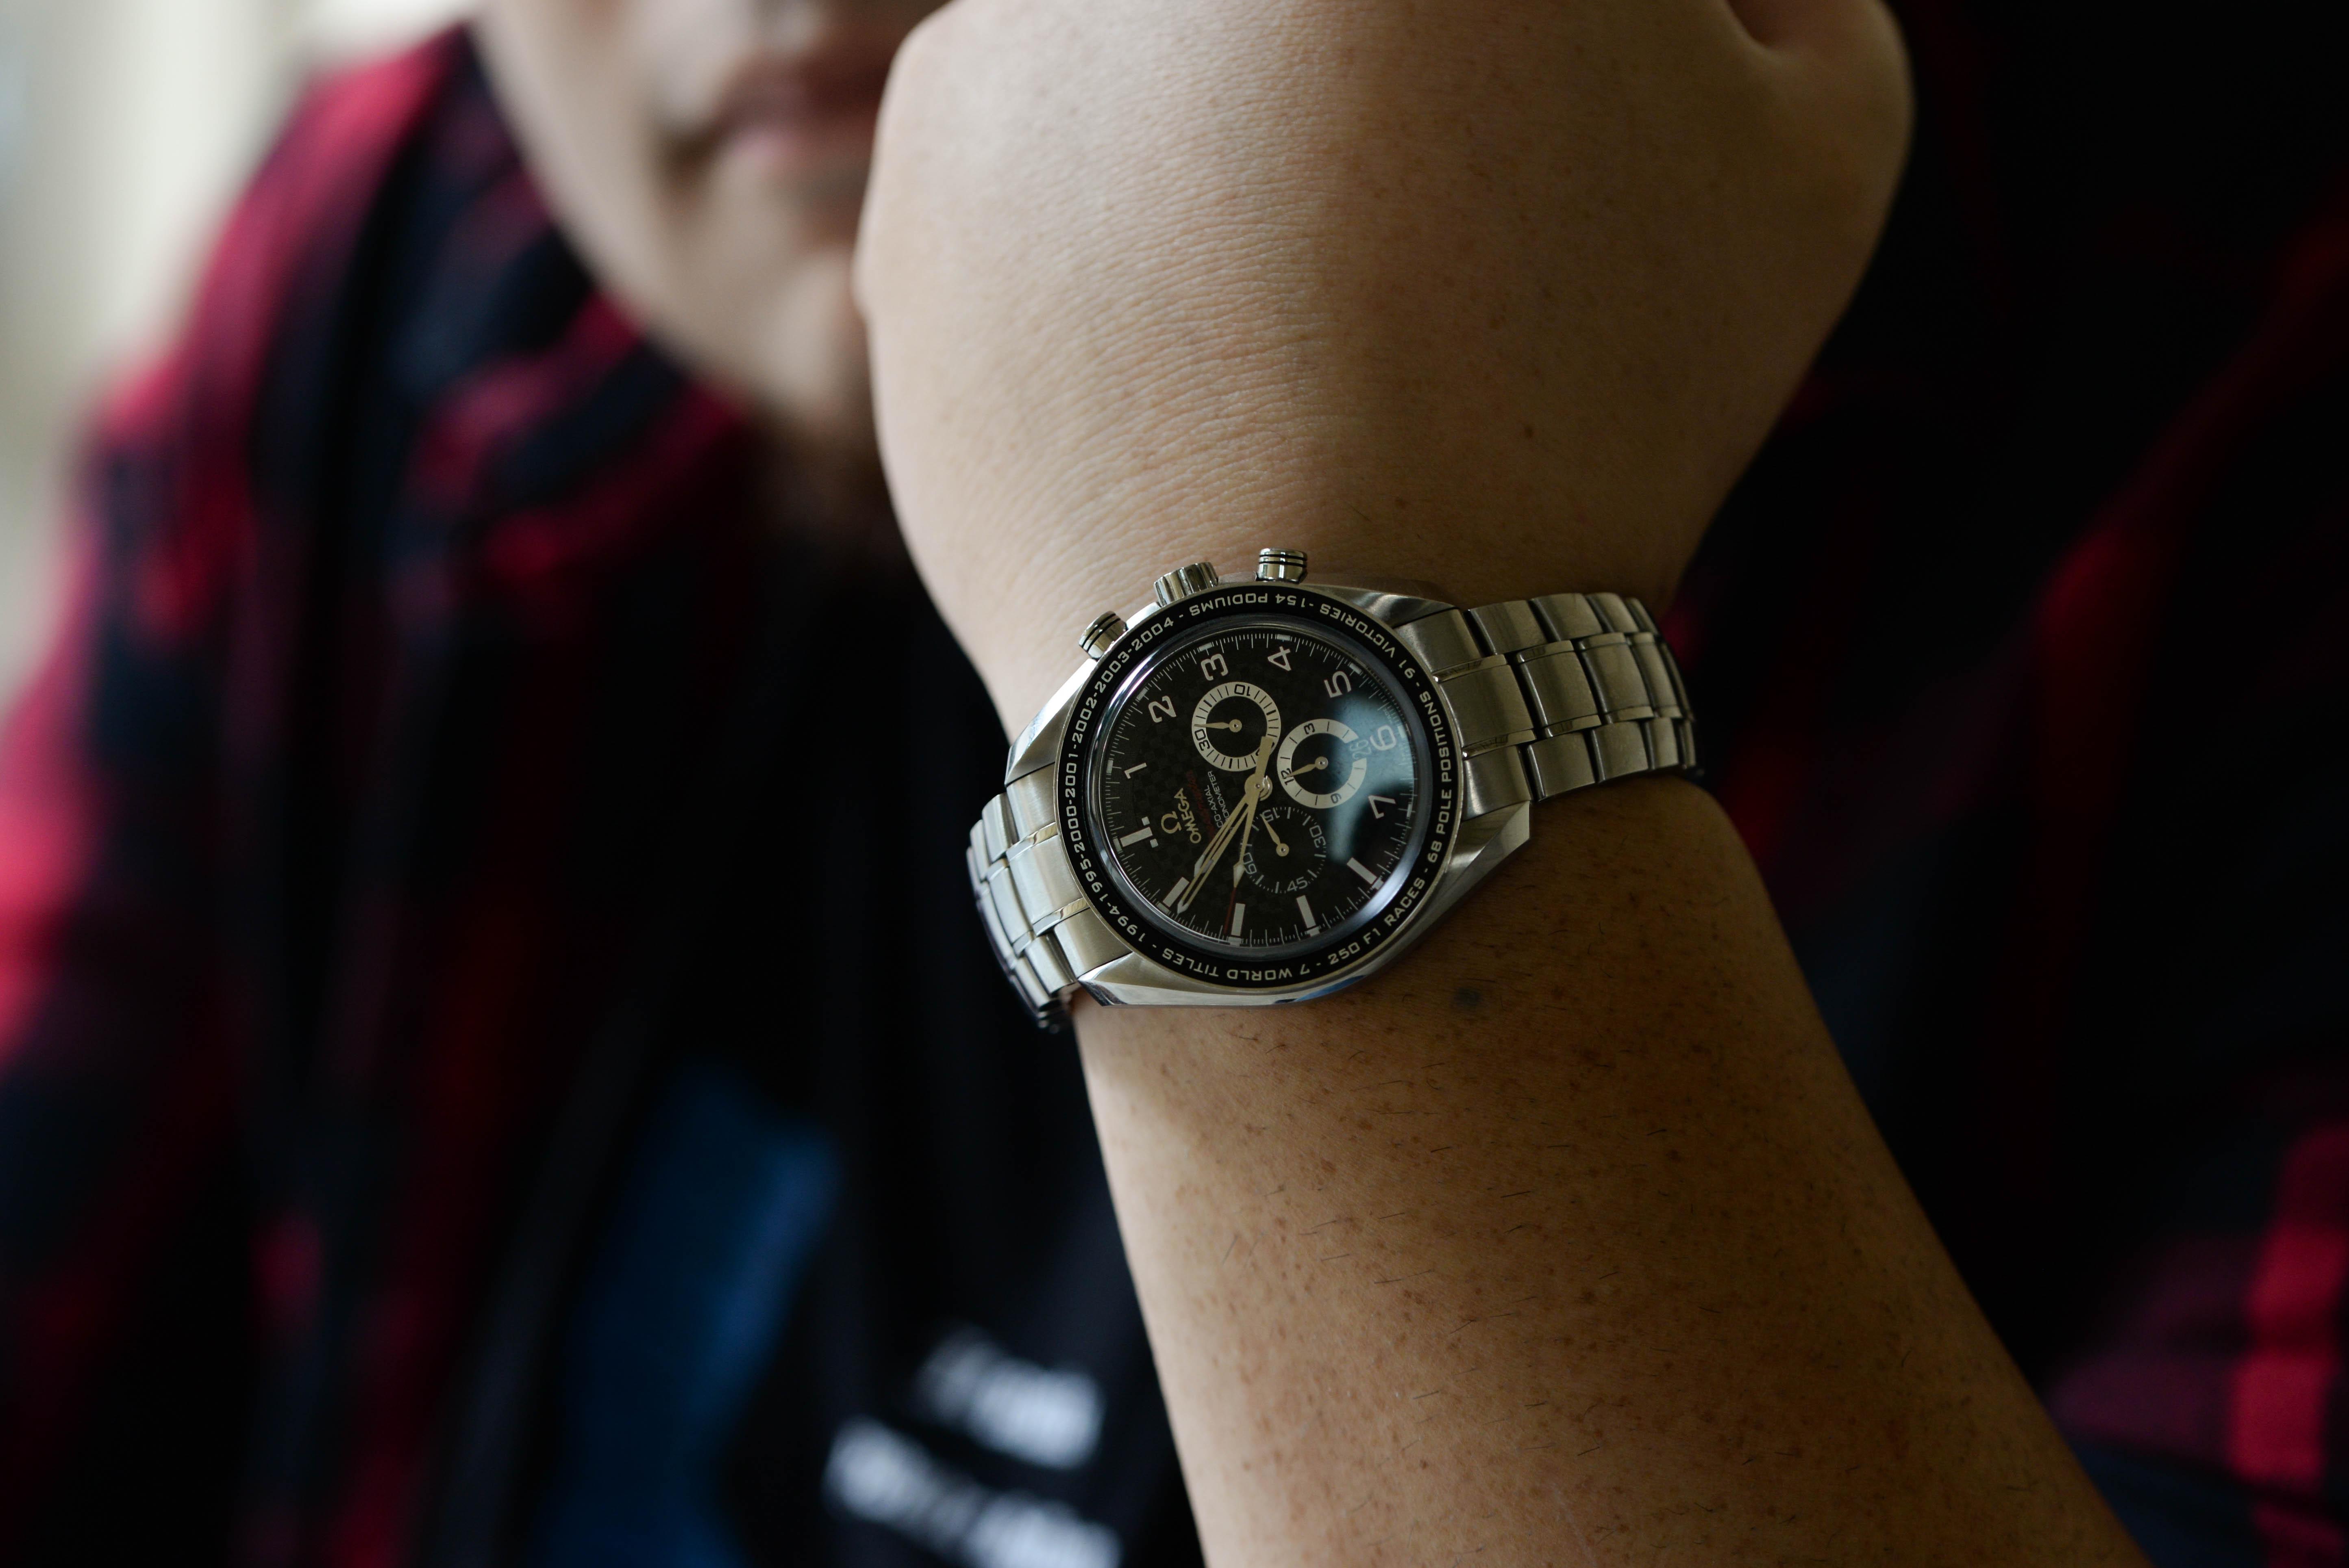 社会人になり、腕時計の必要性が出てきた